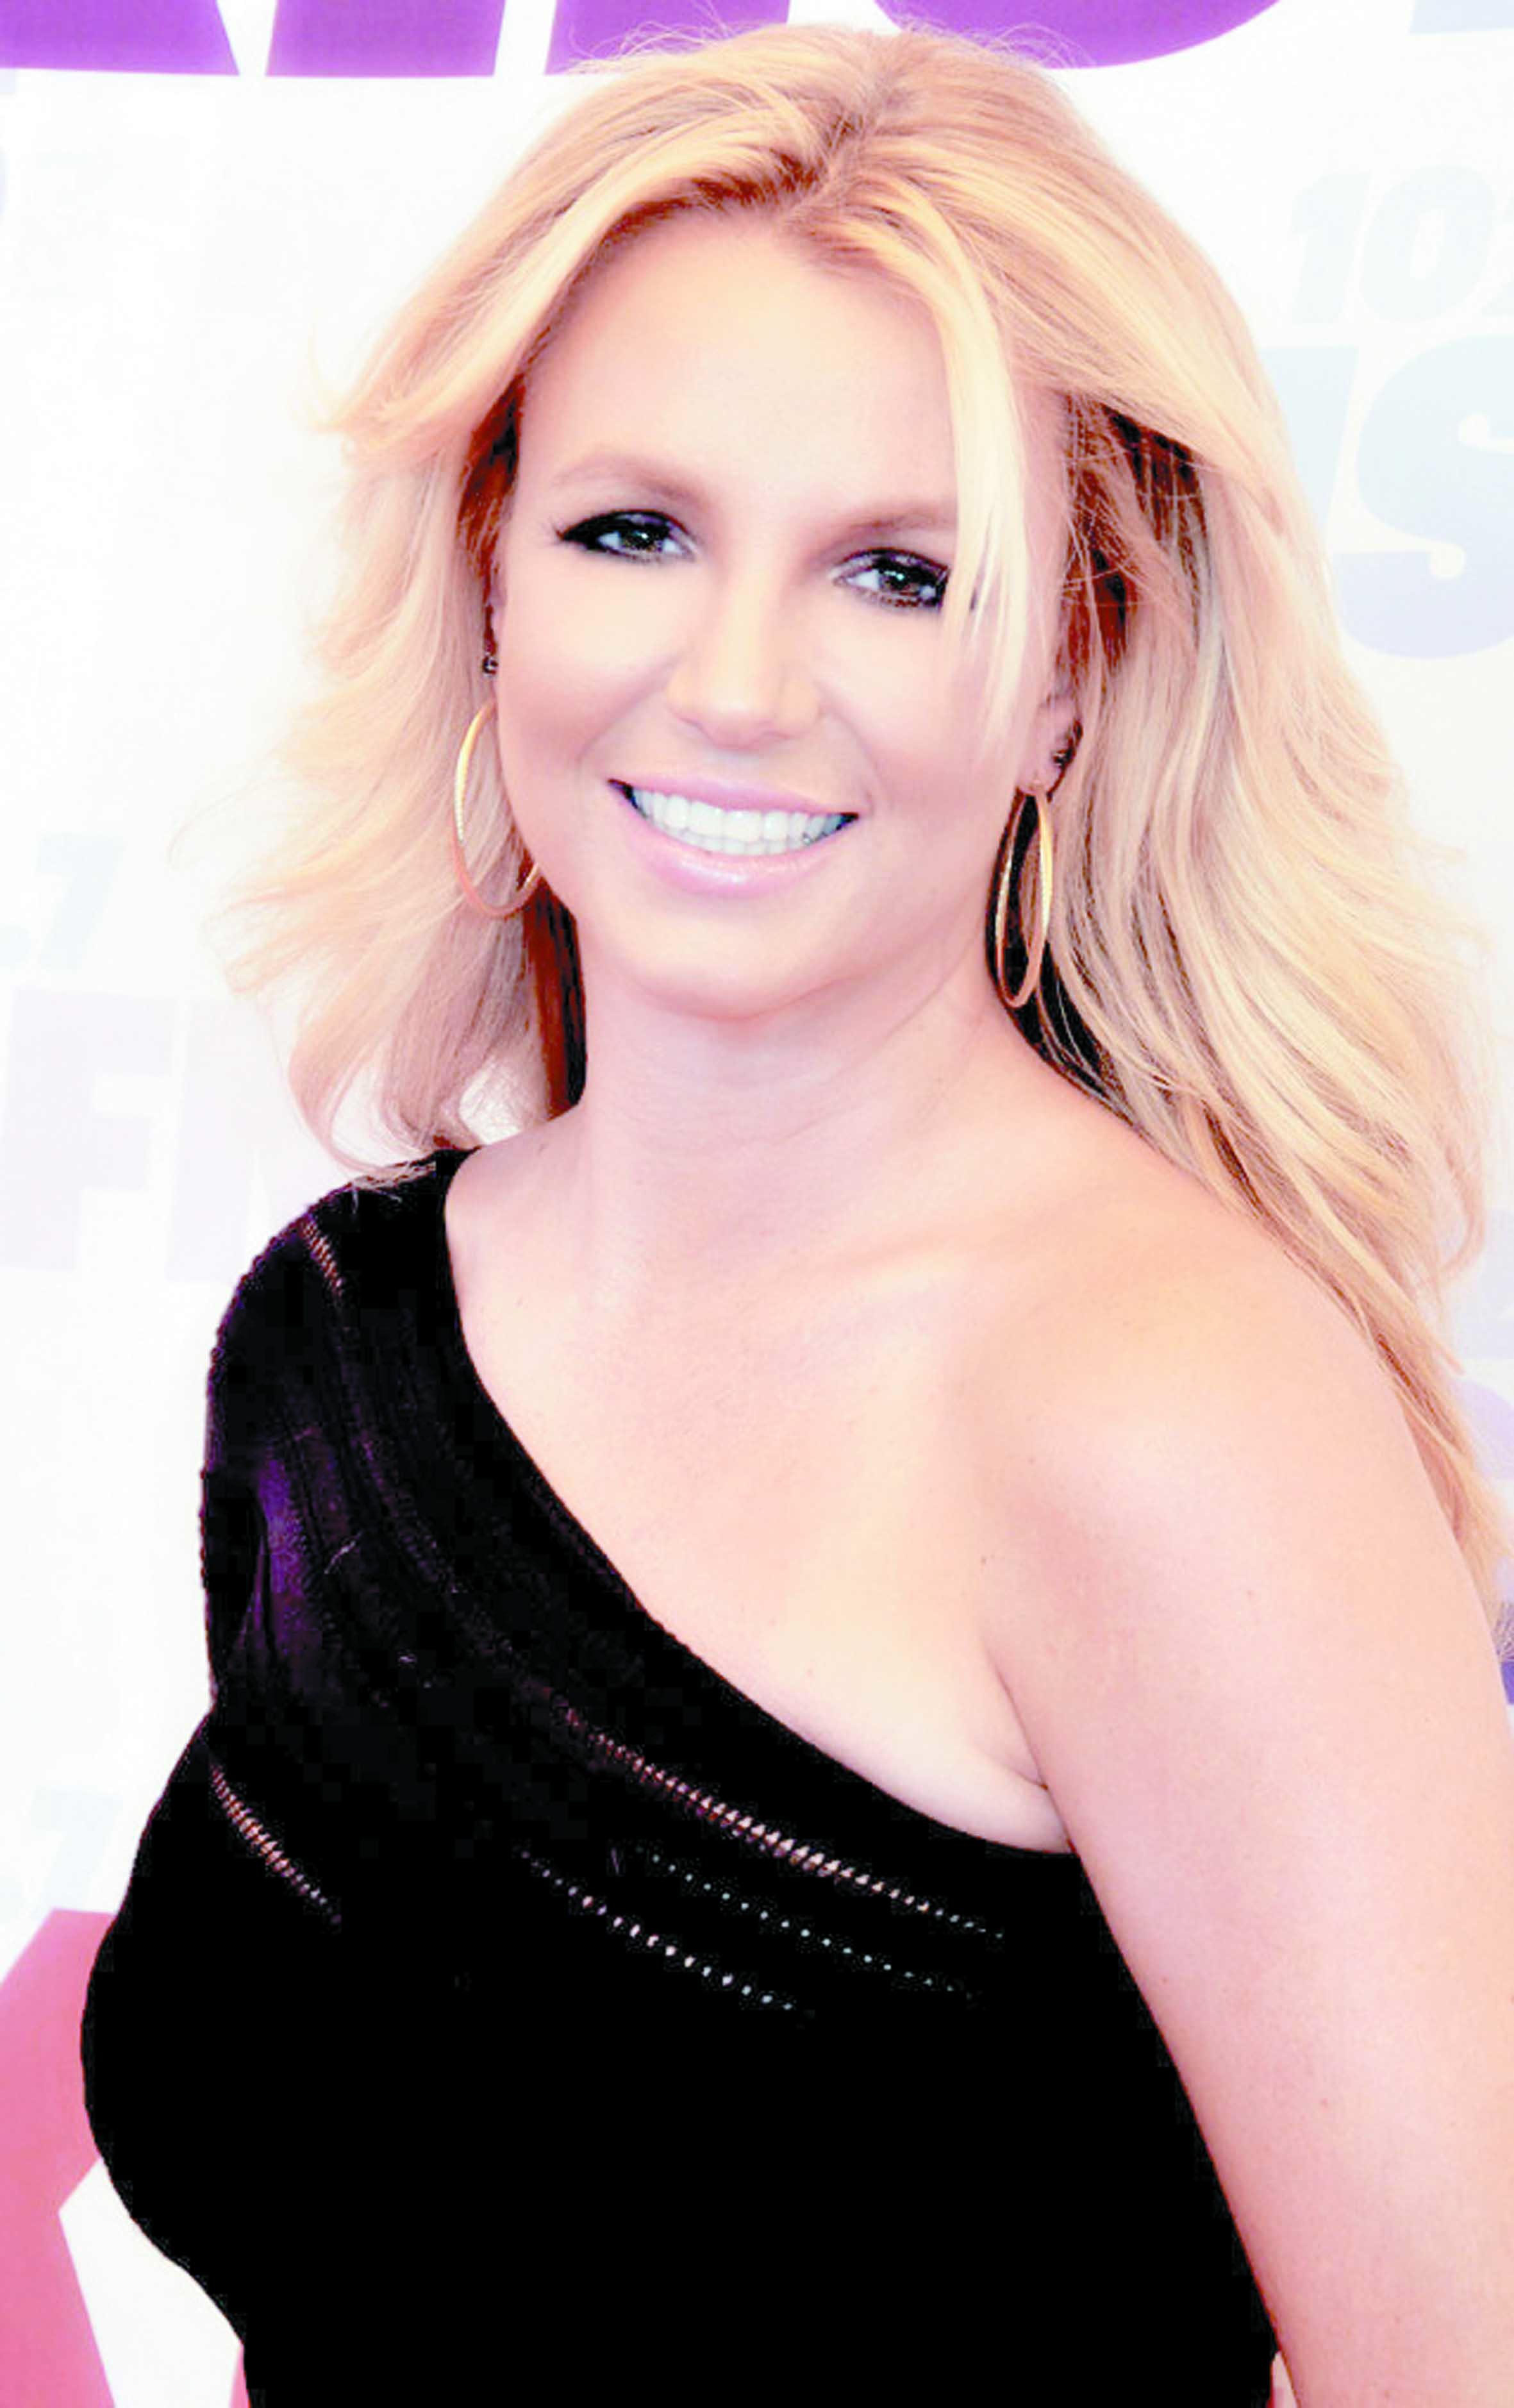 Ces Stars qui ont sombré dans la dépression : Britney Spears